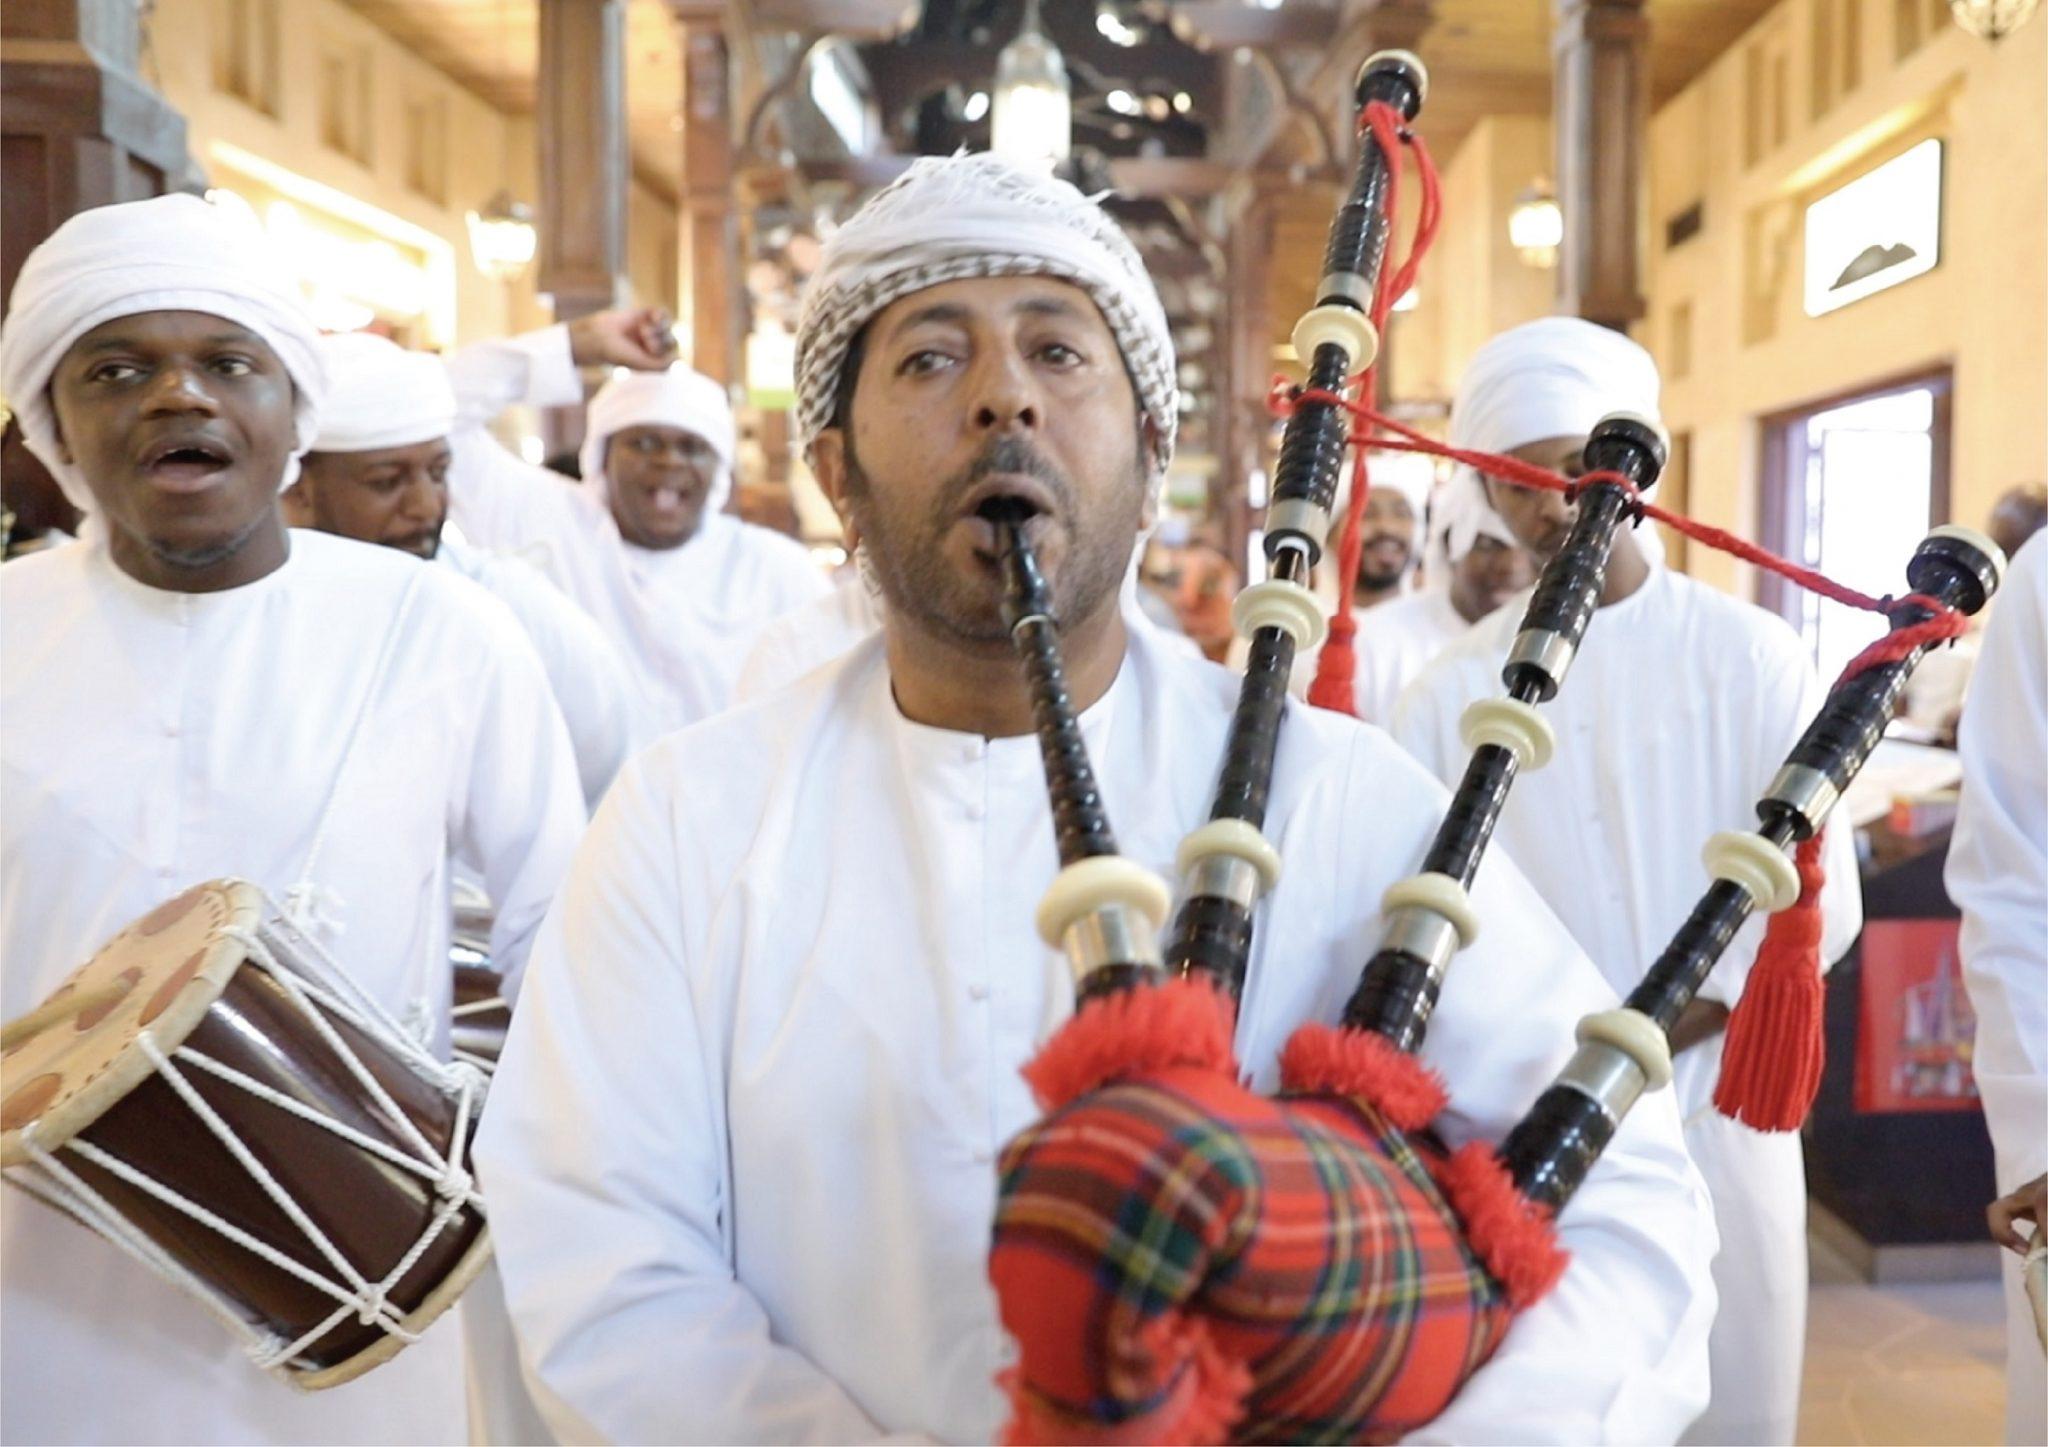 عروض اليوم الوطني 48 لدولة الإمارات العربية المتحدة